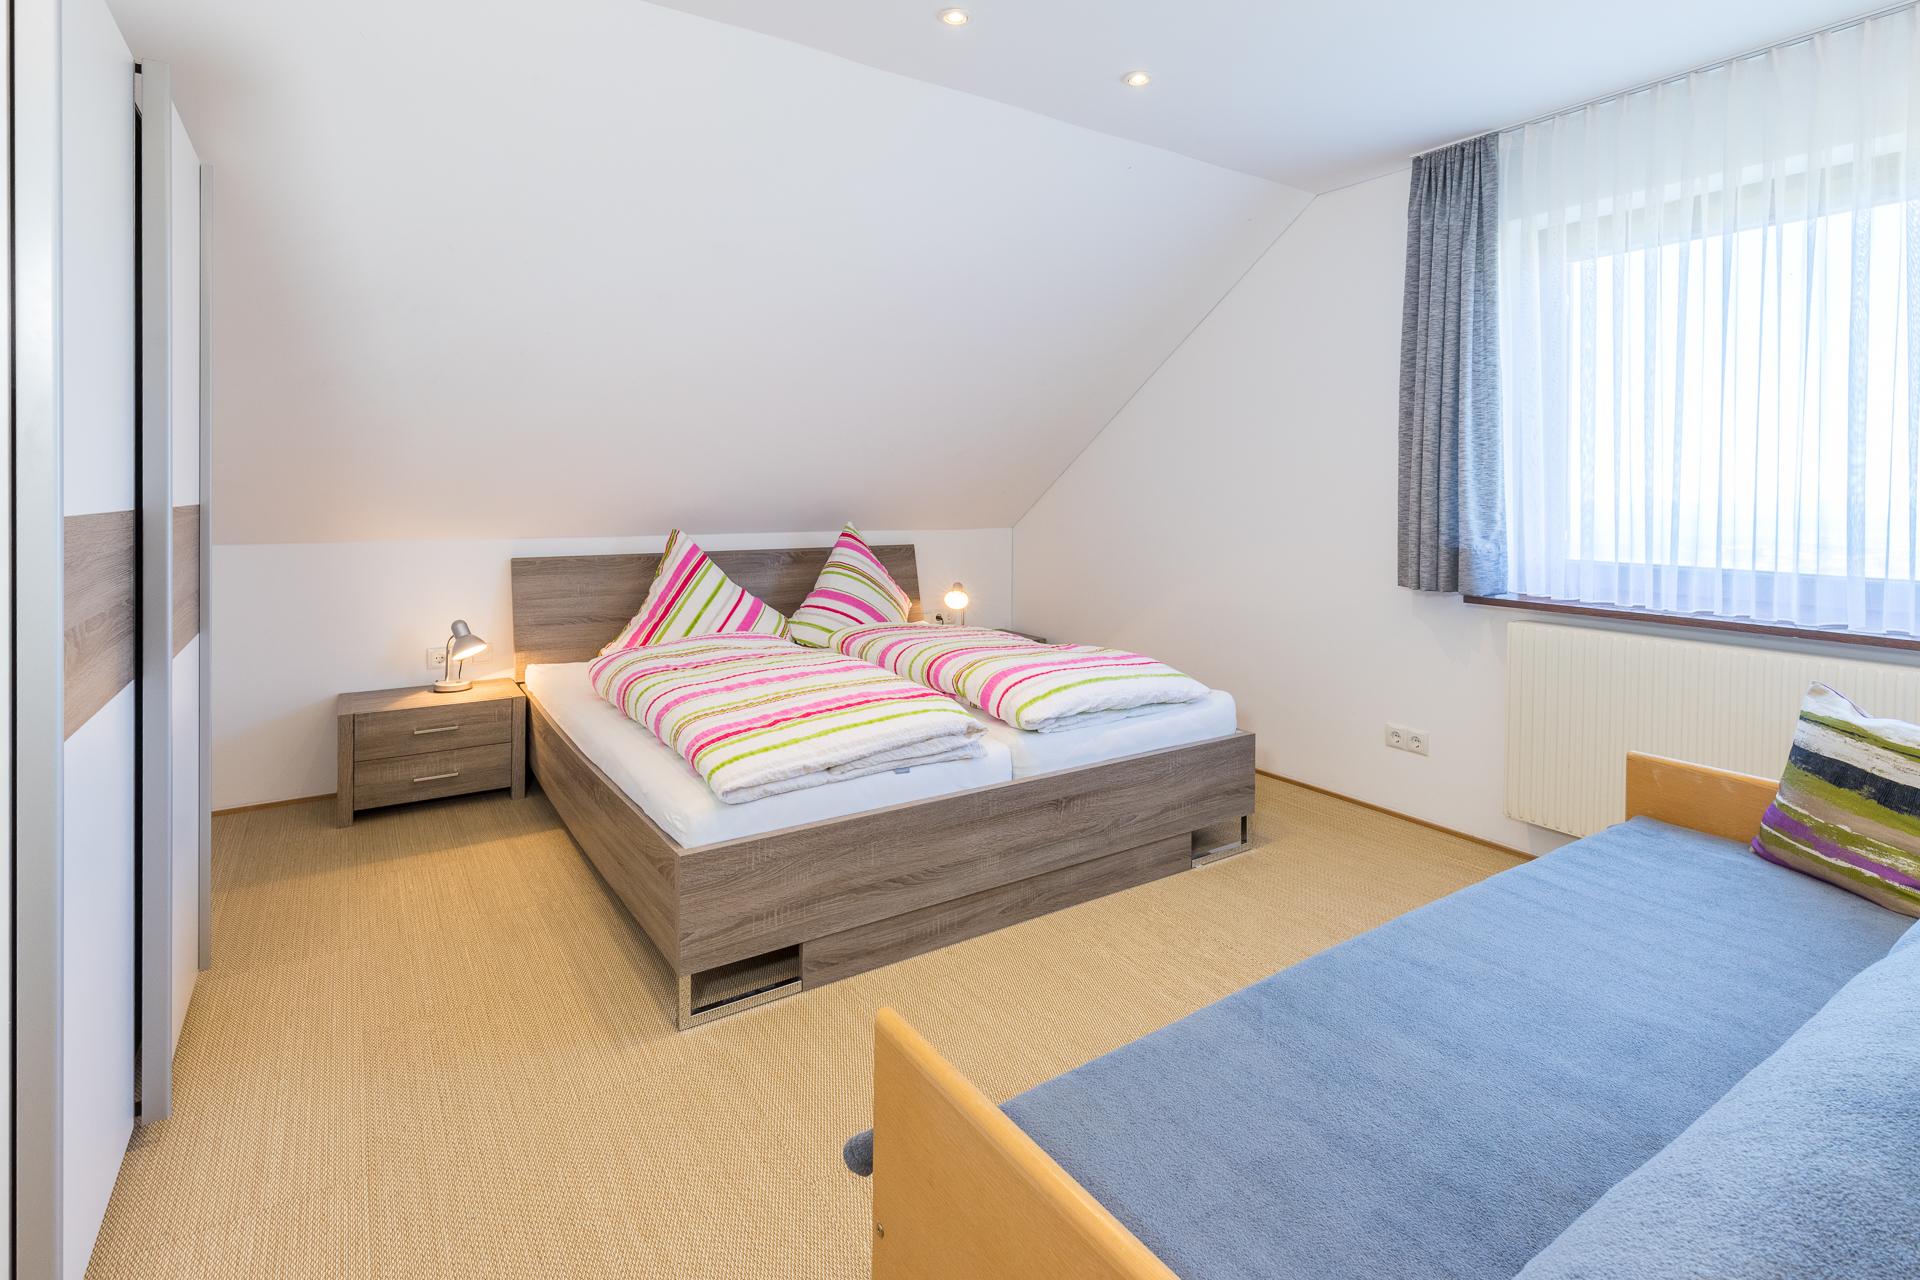 Appartement de vacances Haus Margit (Eichenberg). Große Ferienwohnung (2401564), Eichenberg (AT), Bregenz, Vorarlberg, Autriche, image 15